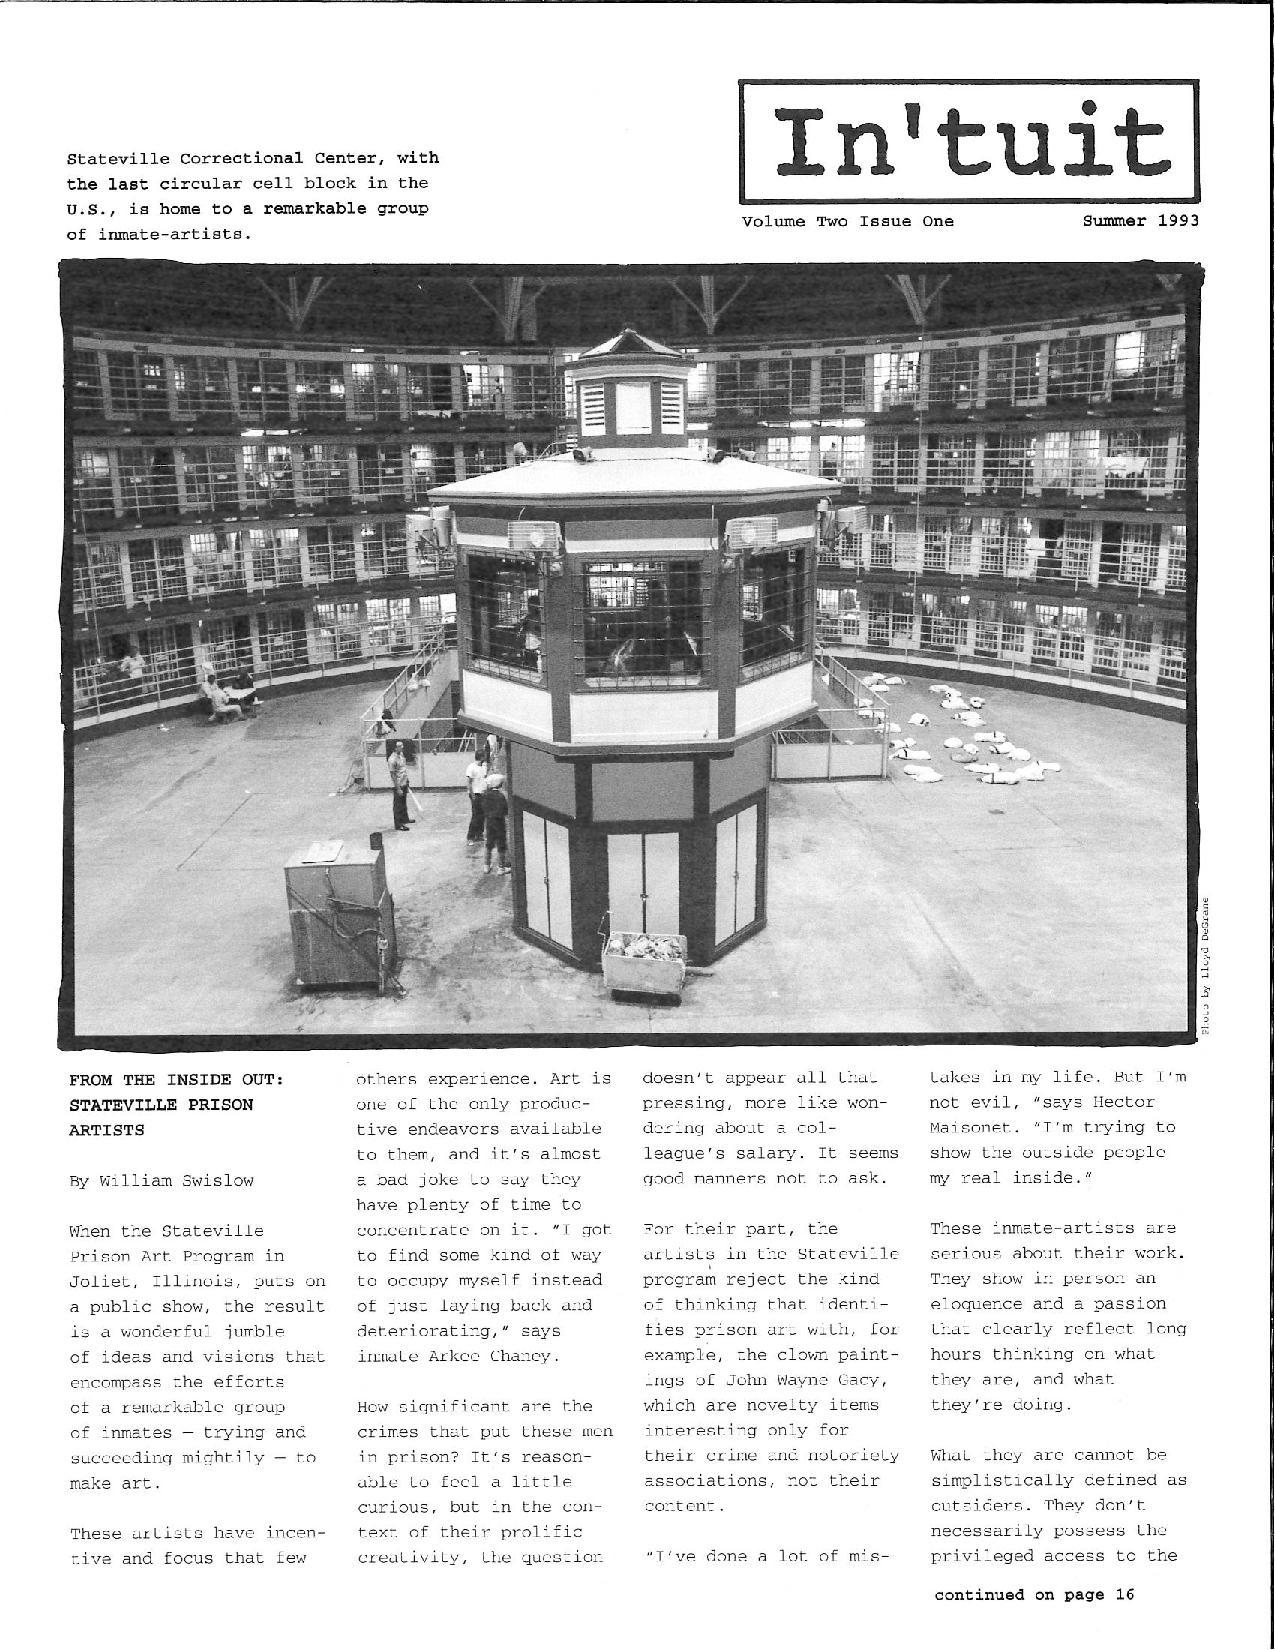 Volume 2 Issue 1 1993